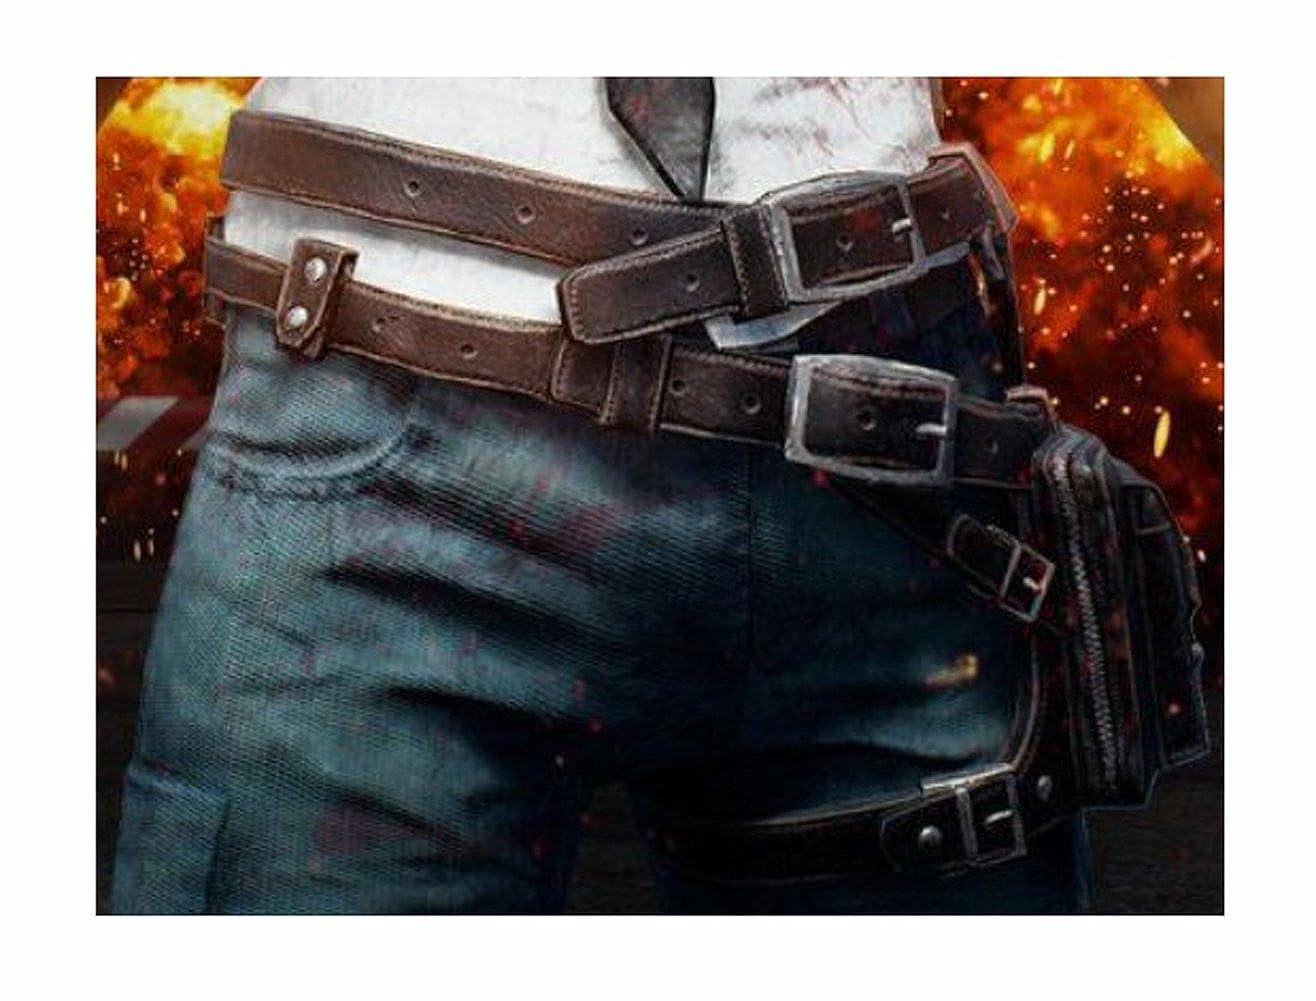 PU Battlegrounds Game Cosplay Props Belt Waistpack For Halloween Cosplay